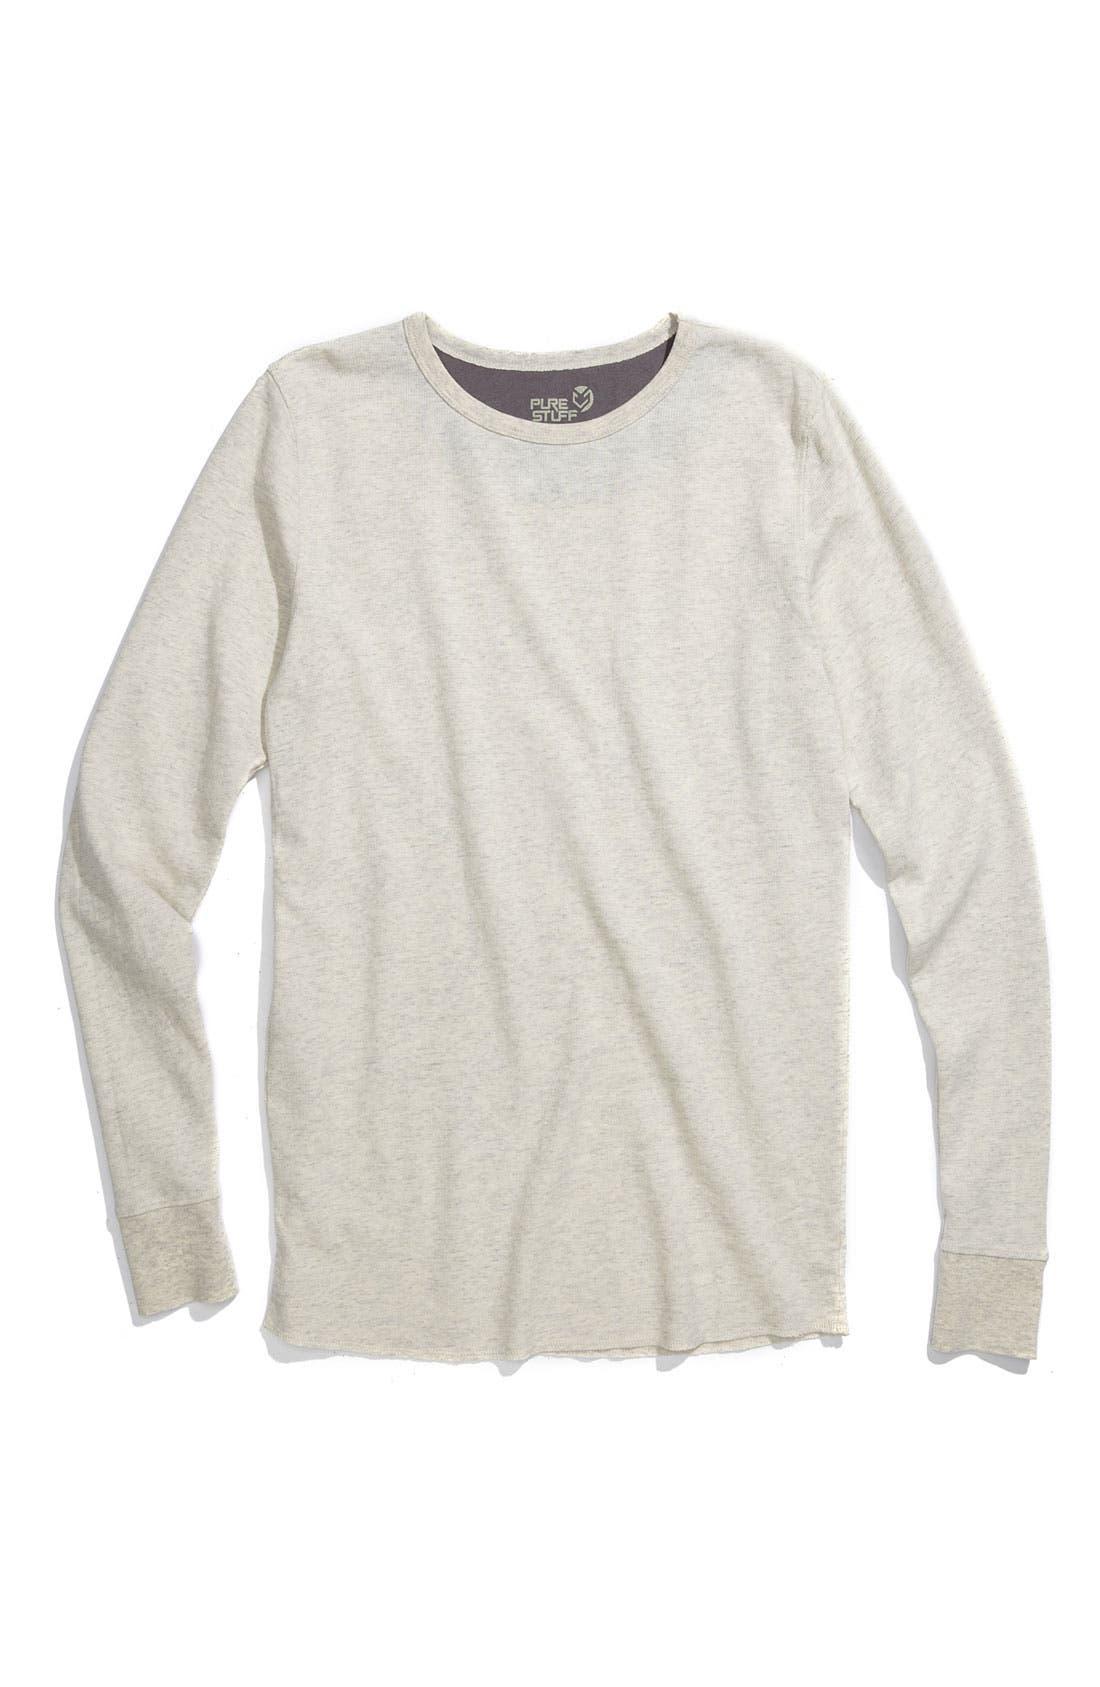 Main Image - Tucker + Tate 'Wheeler' Thermal T-Shirt (Toddler)